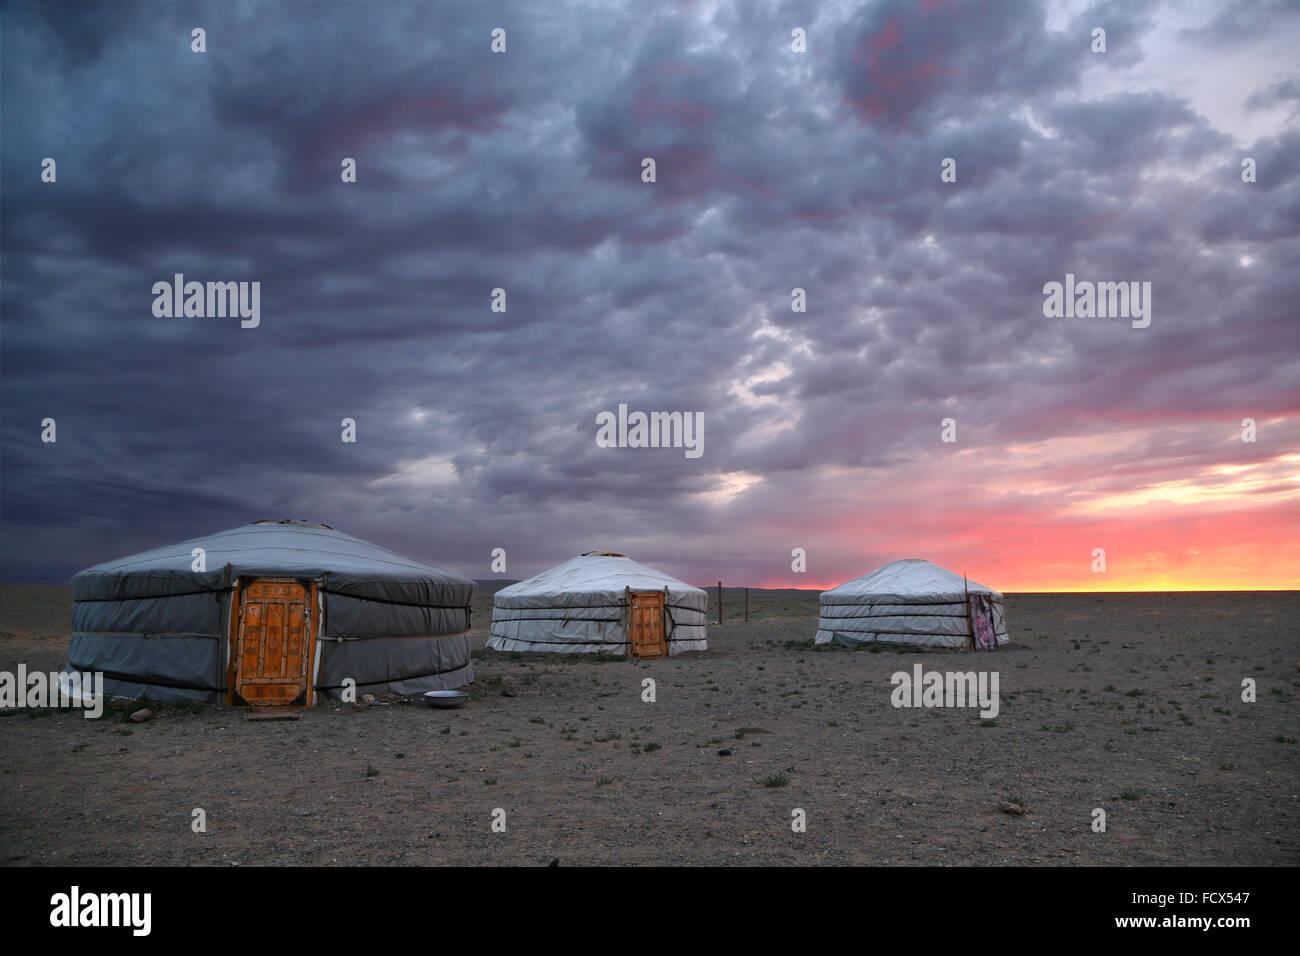 Amanecer y yurts tradicional en el desierto de Gobi, Mongolia Imagen De Stock